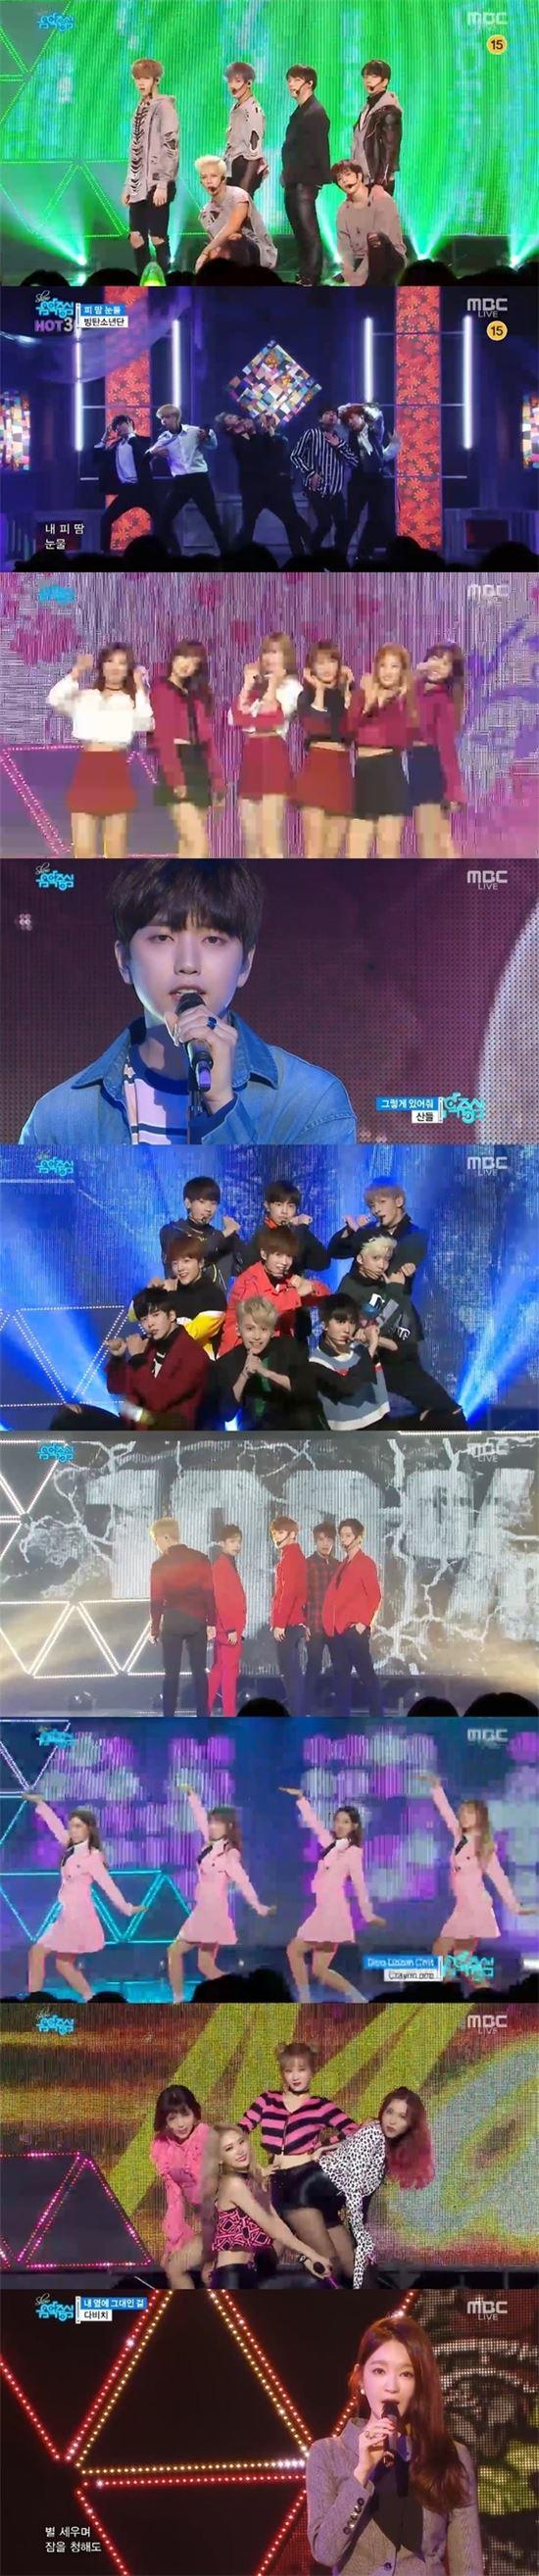 갓세븐 방탄소년단 에이핑크 산들 SF9 백퍼센트 크레용팝 마틸다 다비치. 사진=MBC '음악중심' 방송 캡쳐